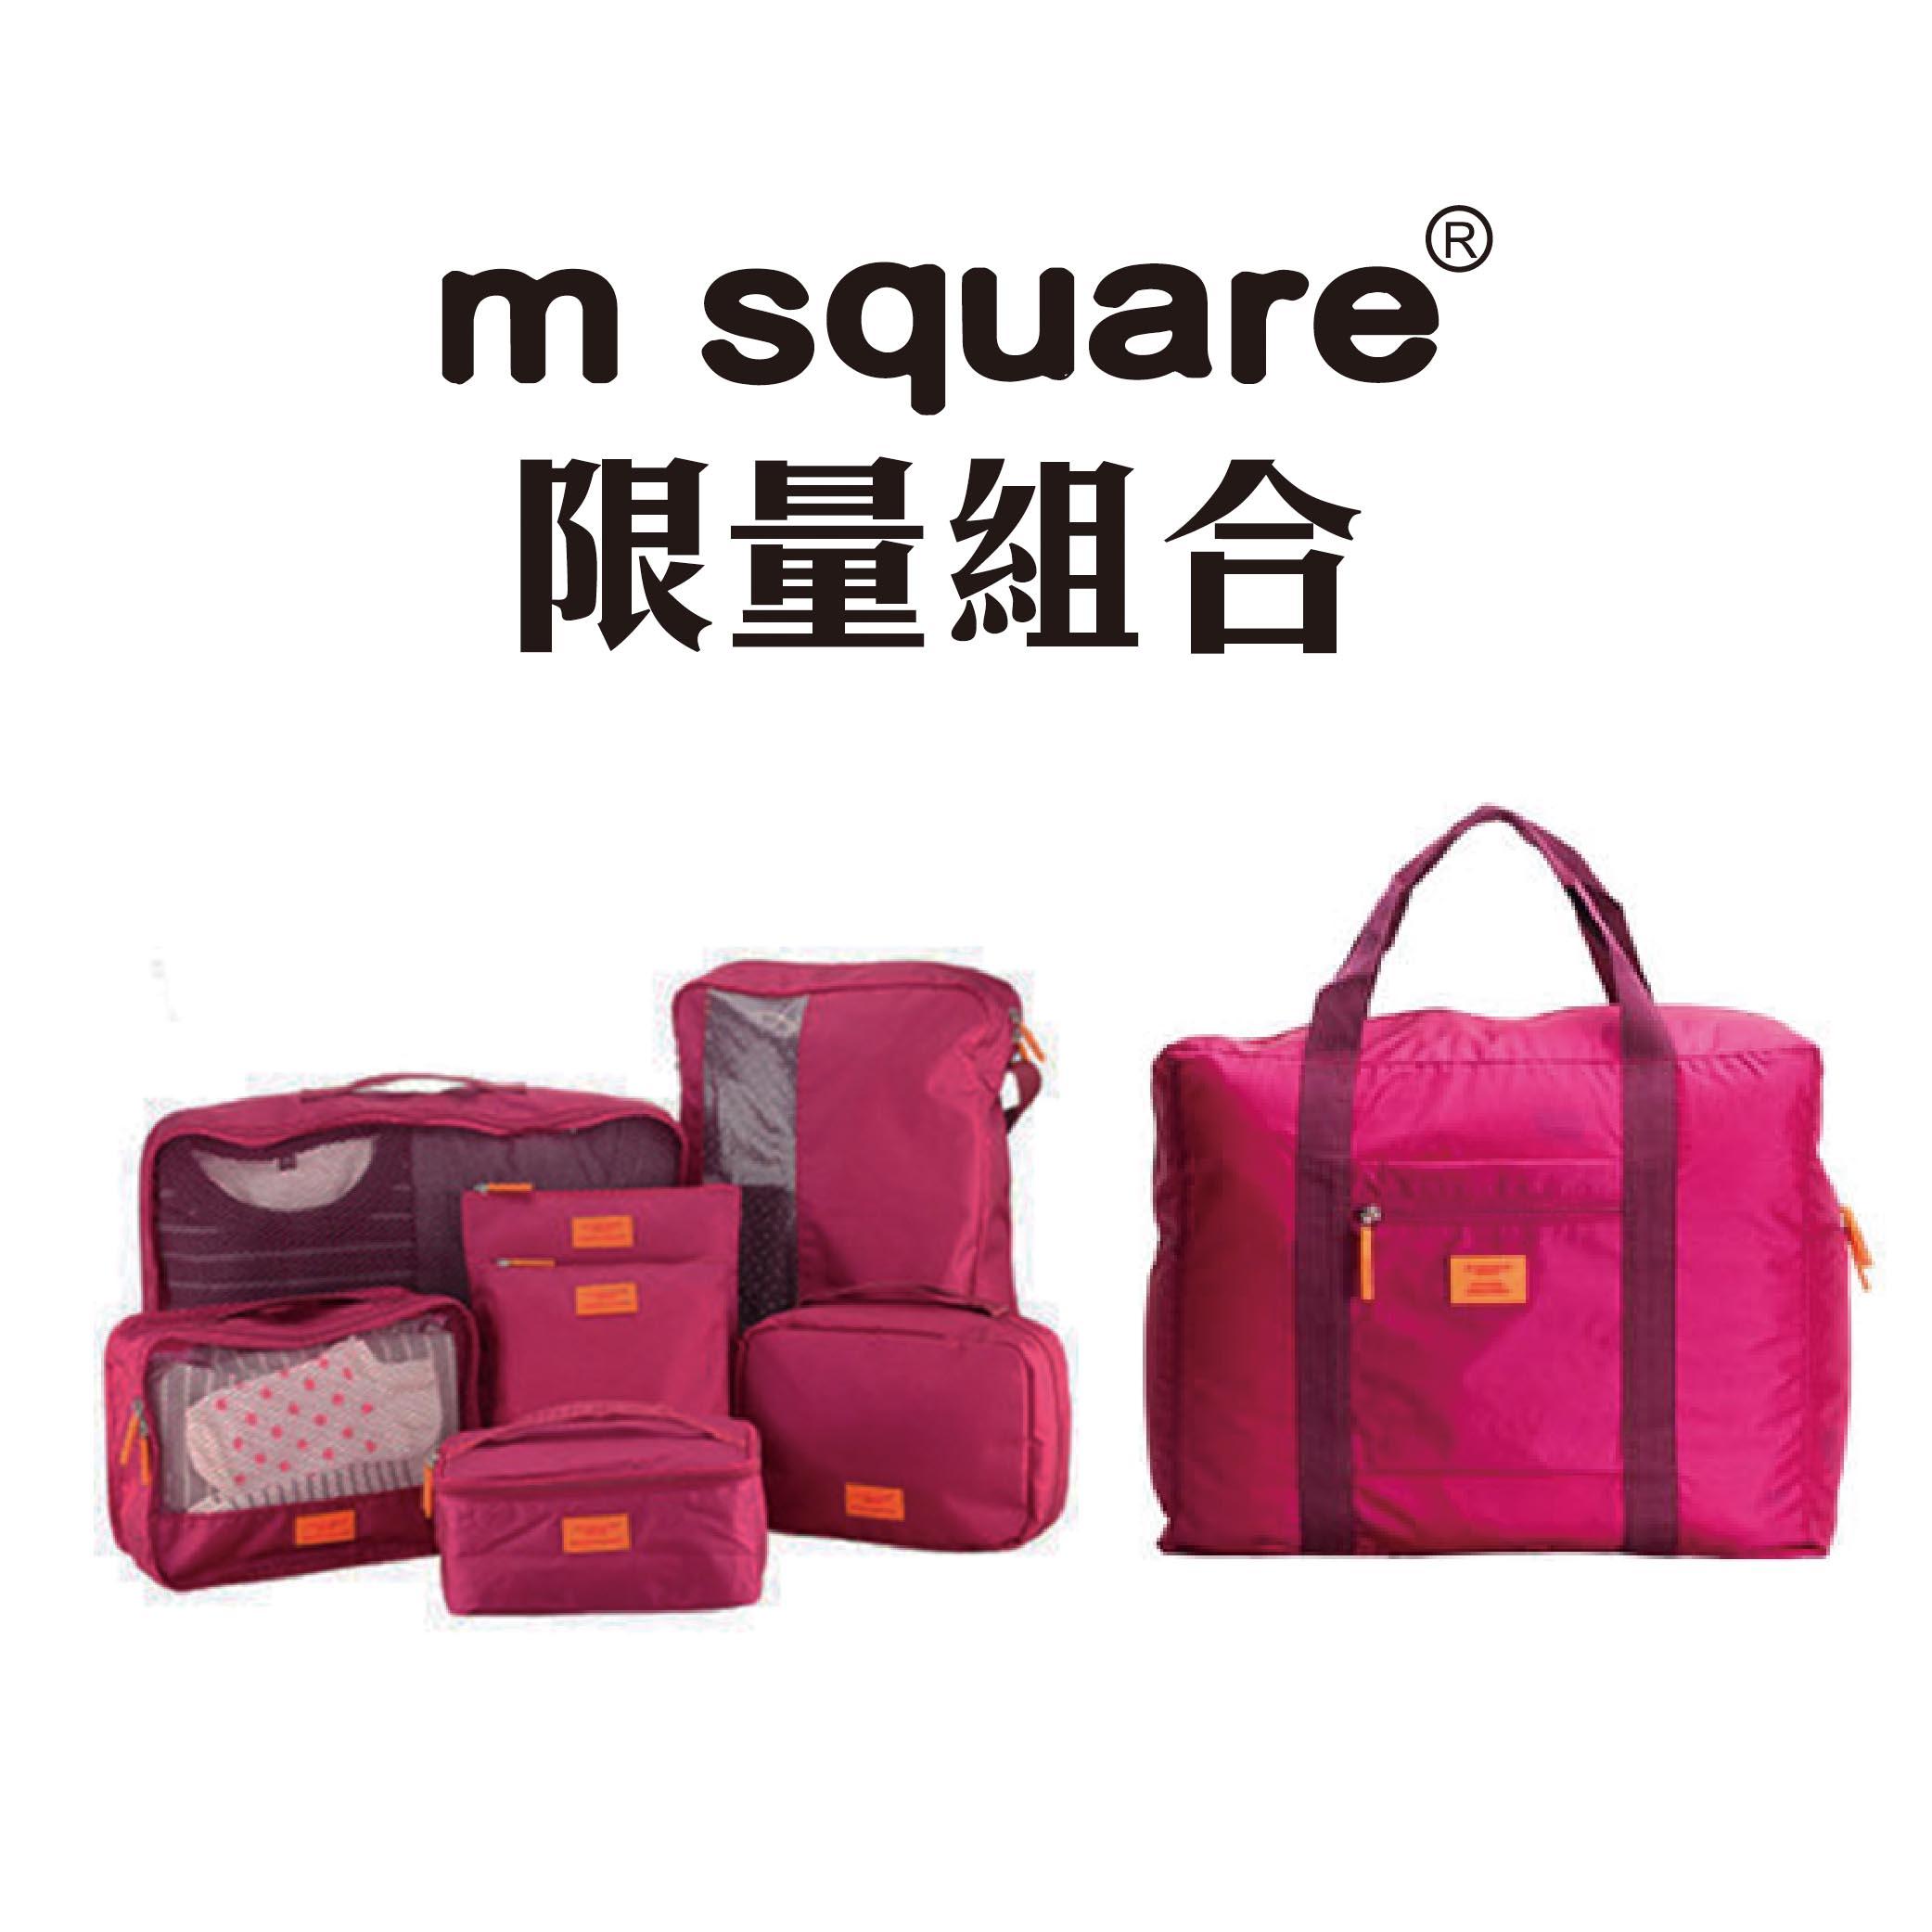 MSquare豪華七件組 防水折疊式旅行 袋